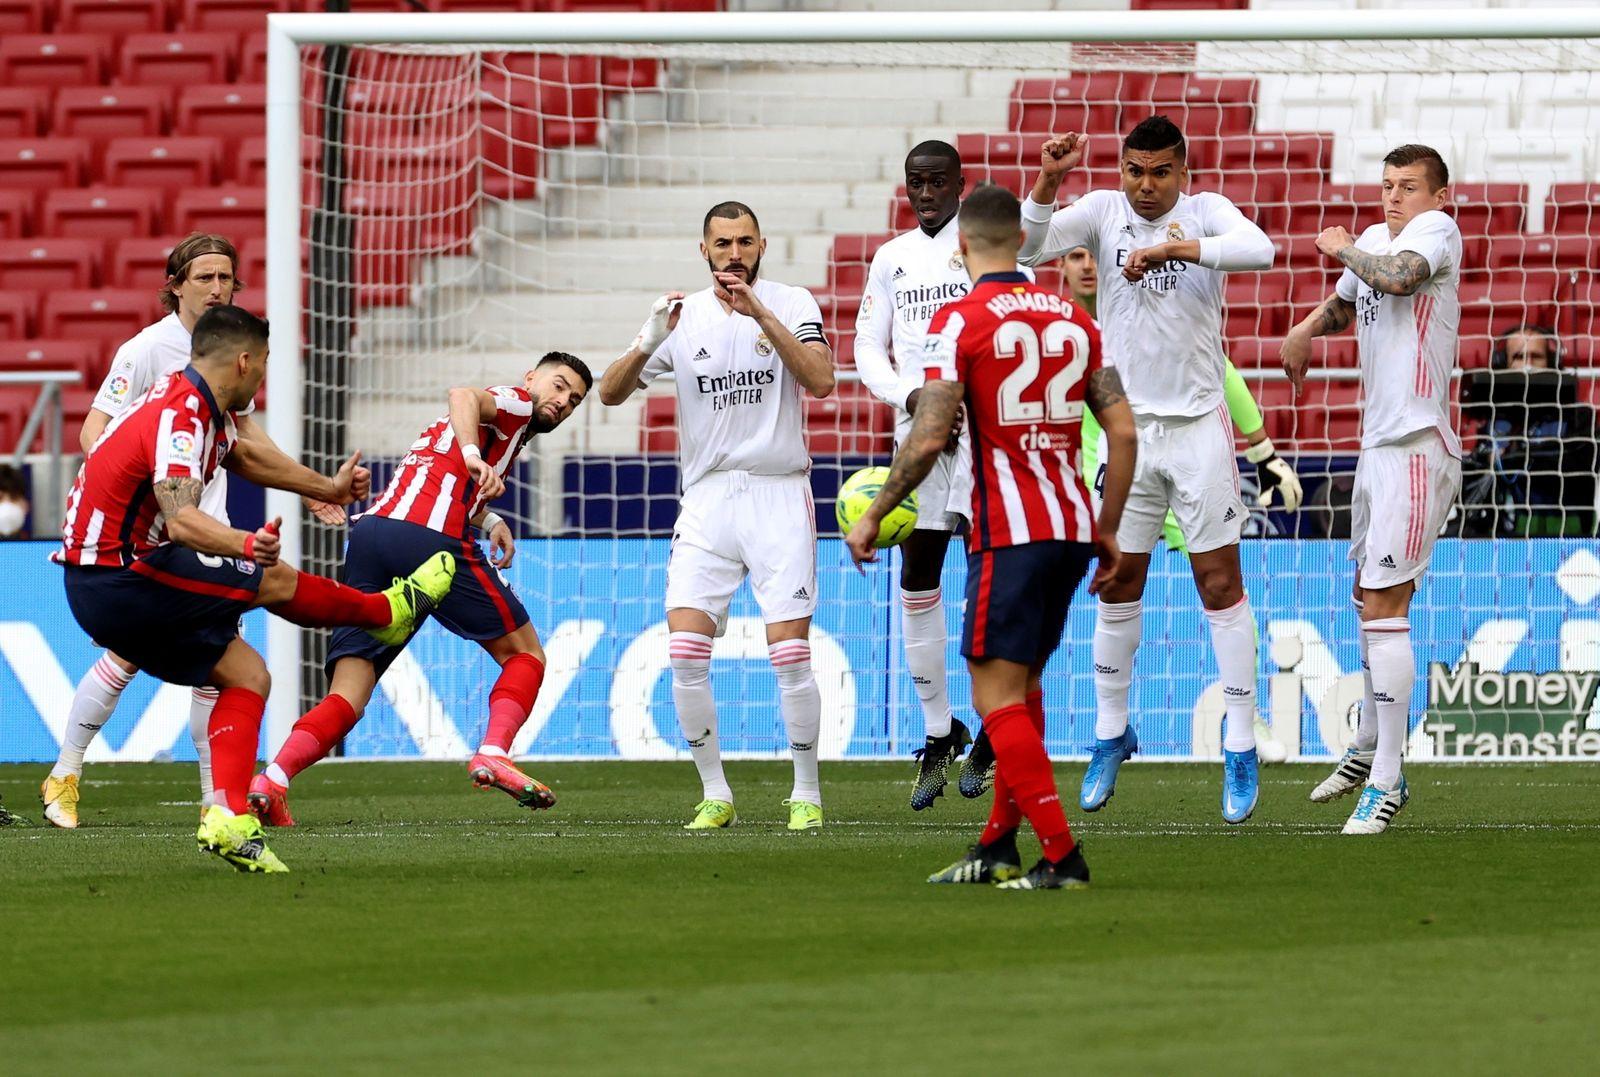 El Atlético vs el Madrid